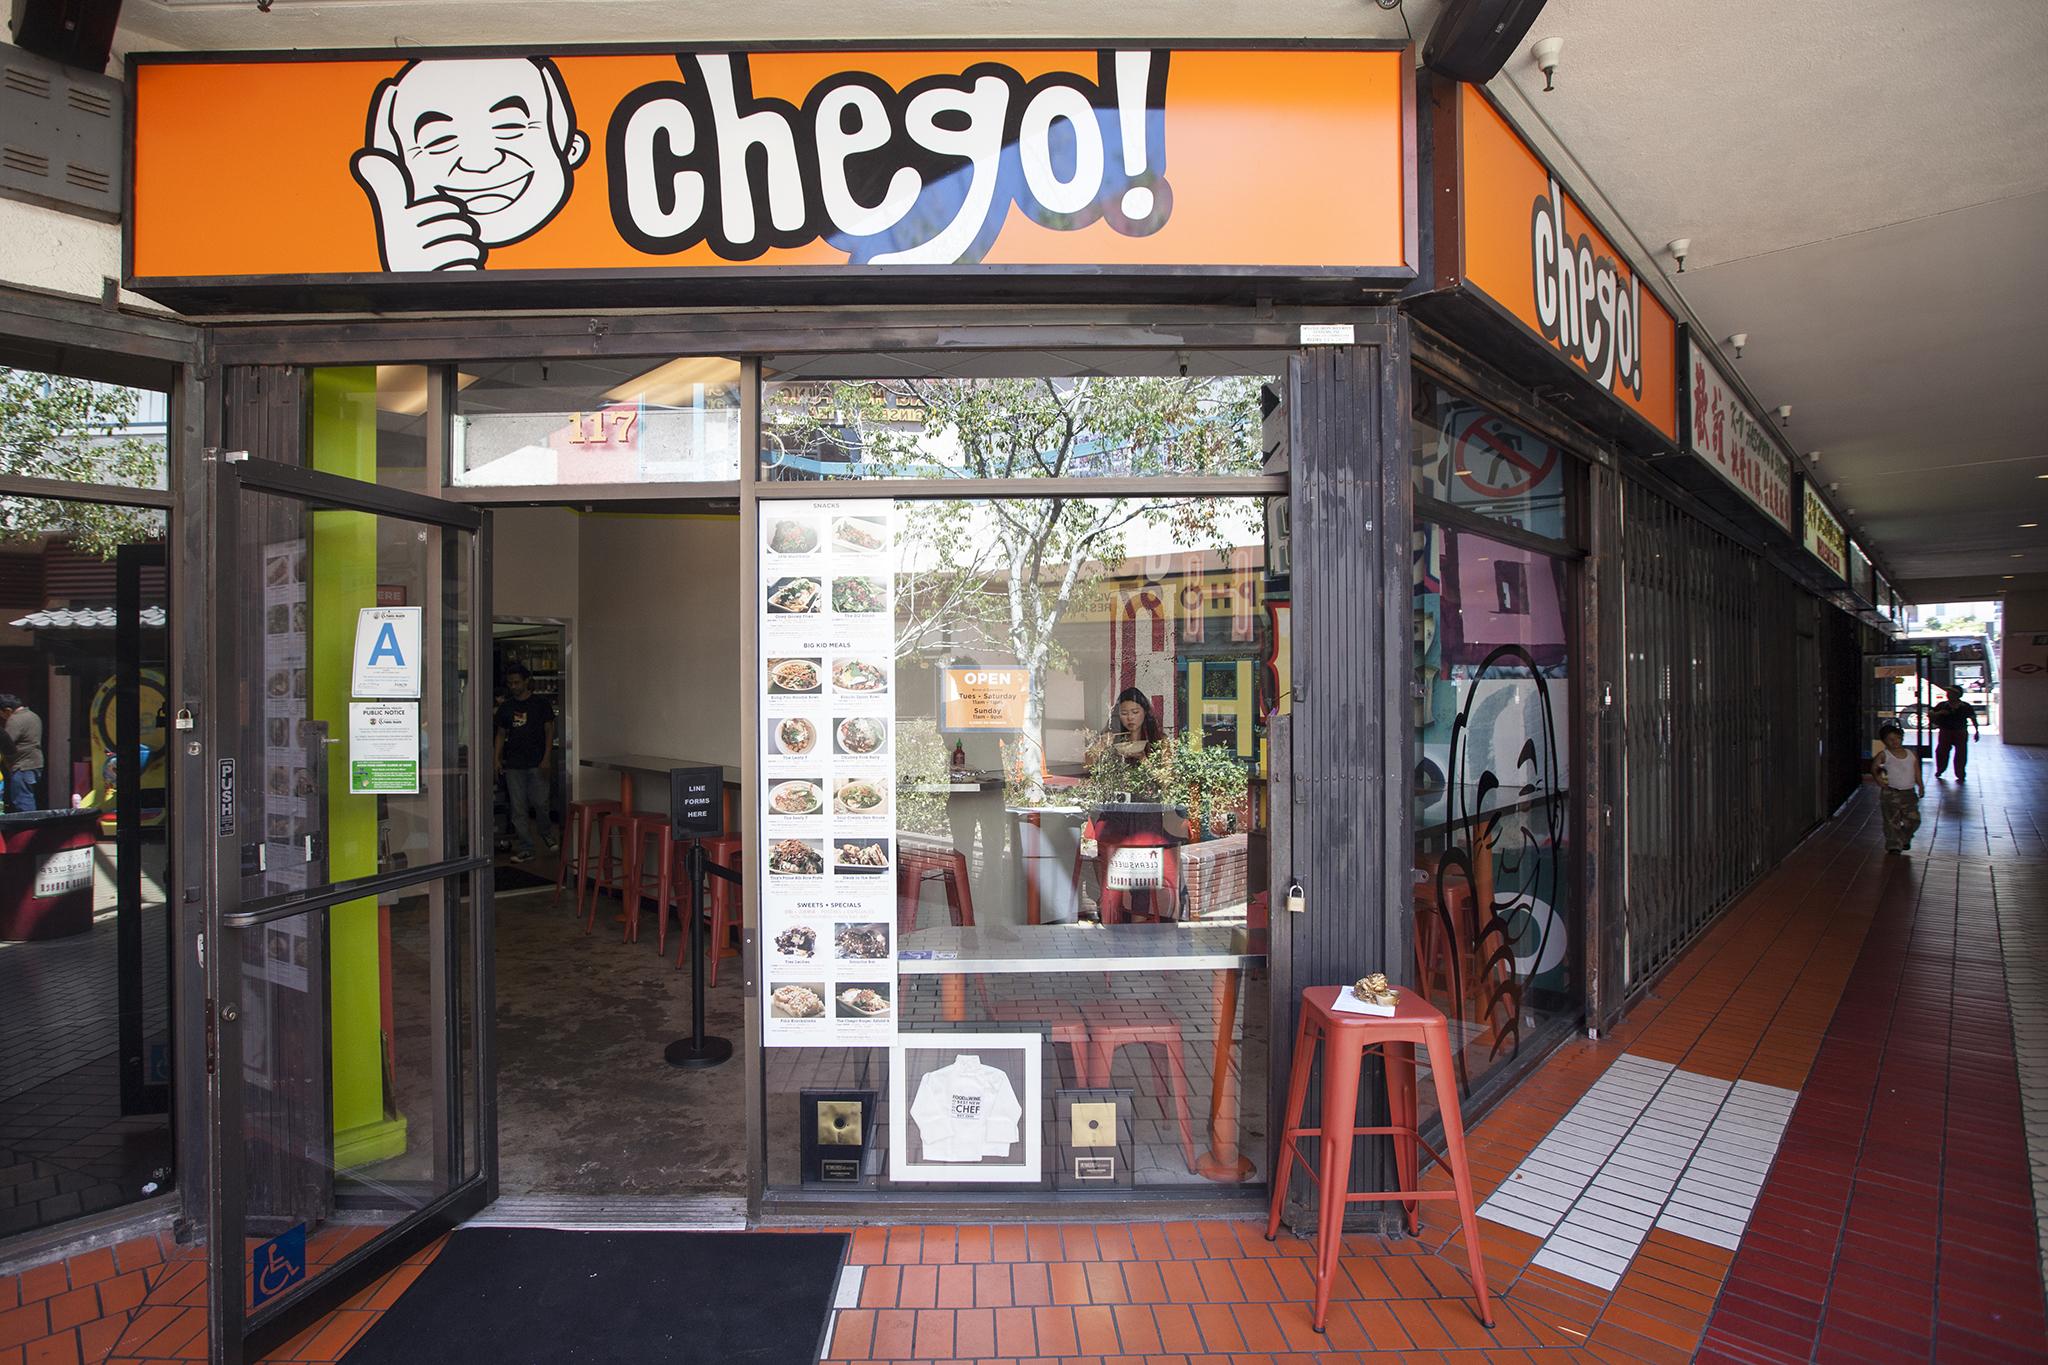 <p>Chego</p>